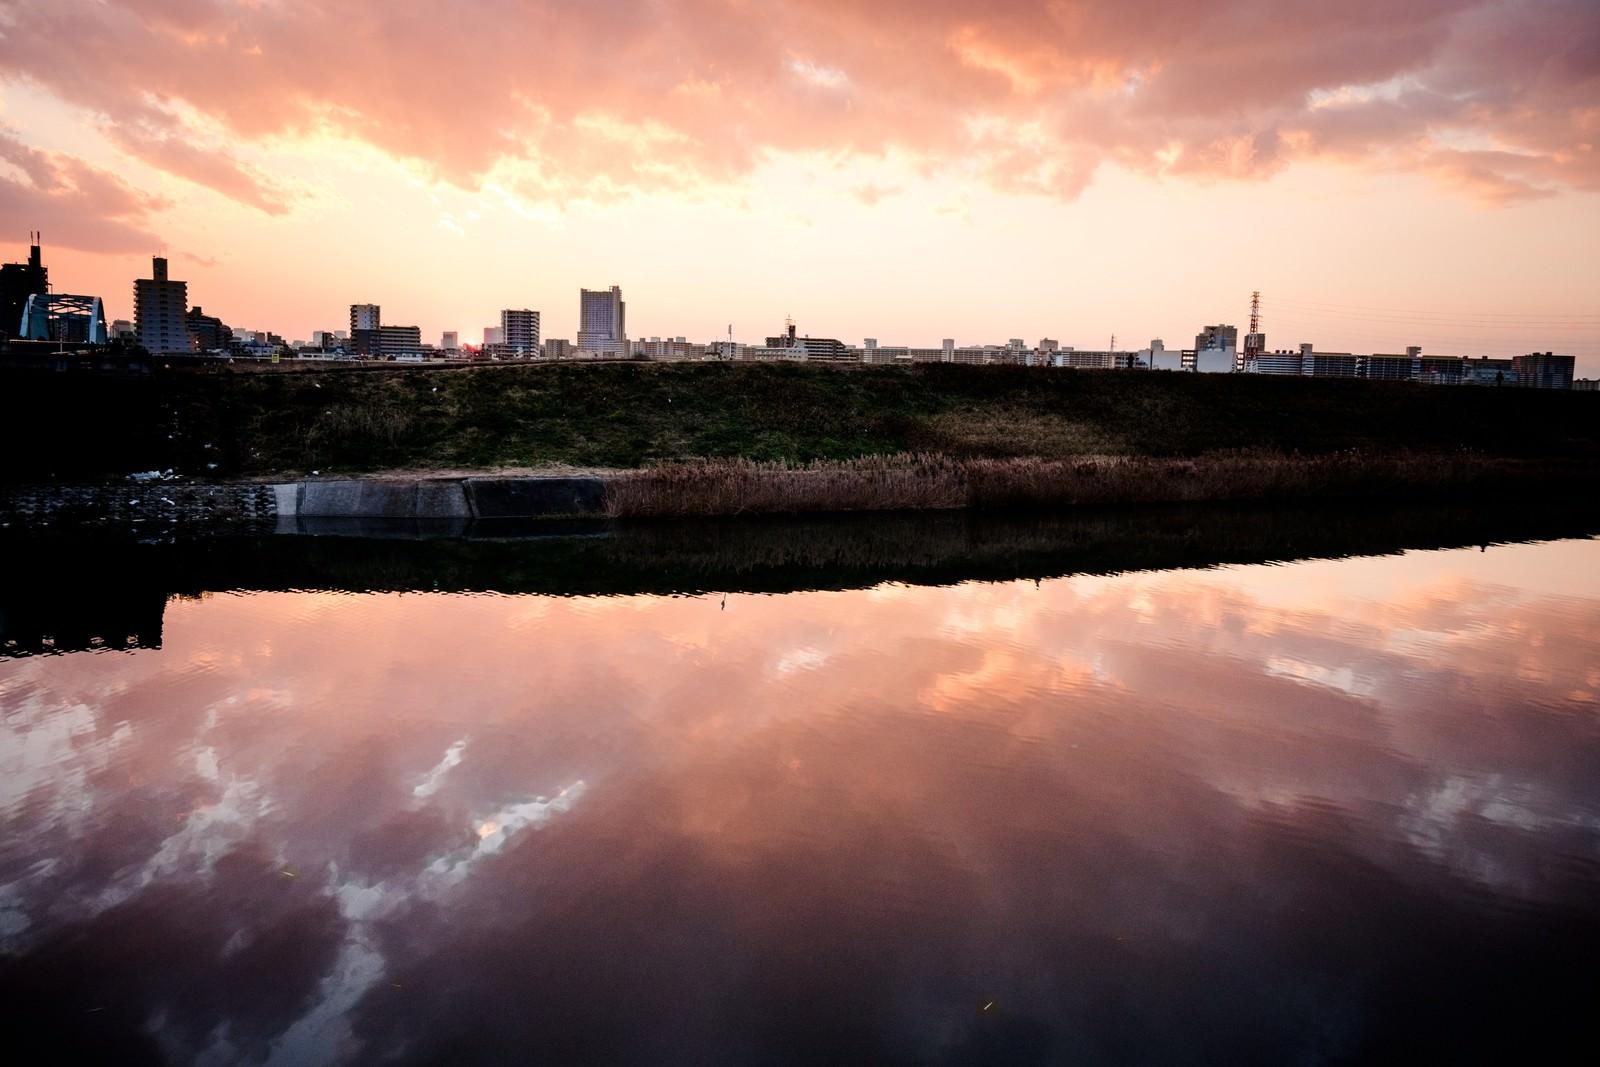 「荒川の夕暮れ荒川の夕暮れ」のフリー写真素材を拡大